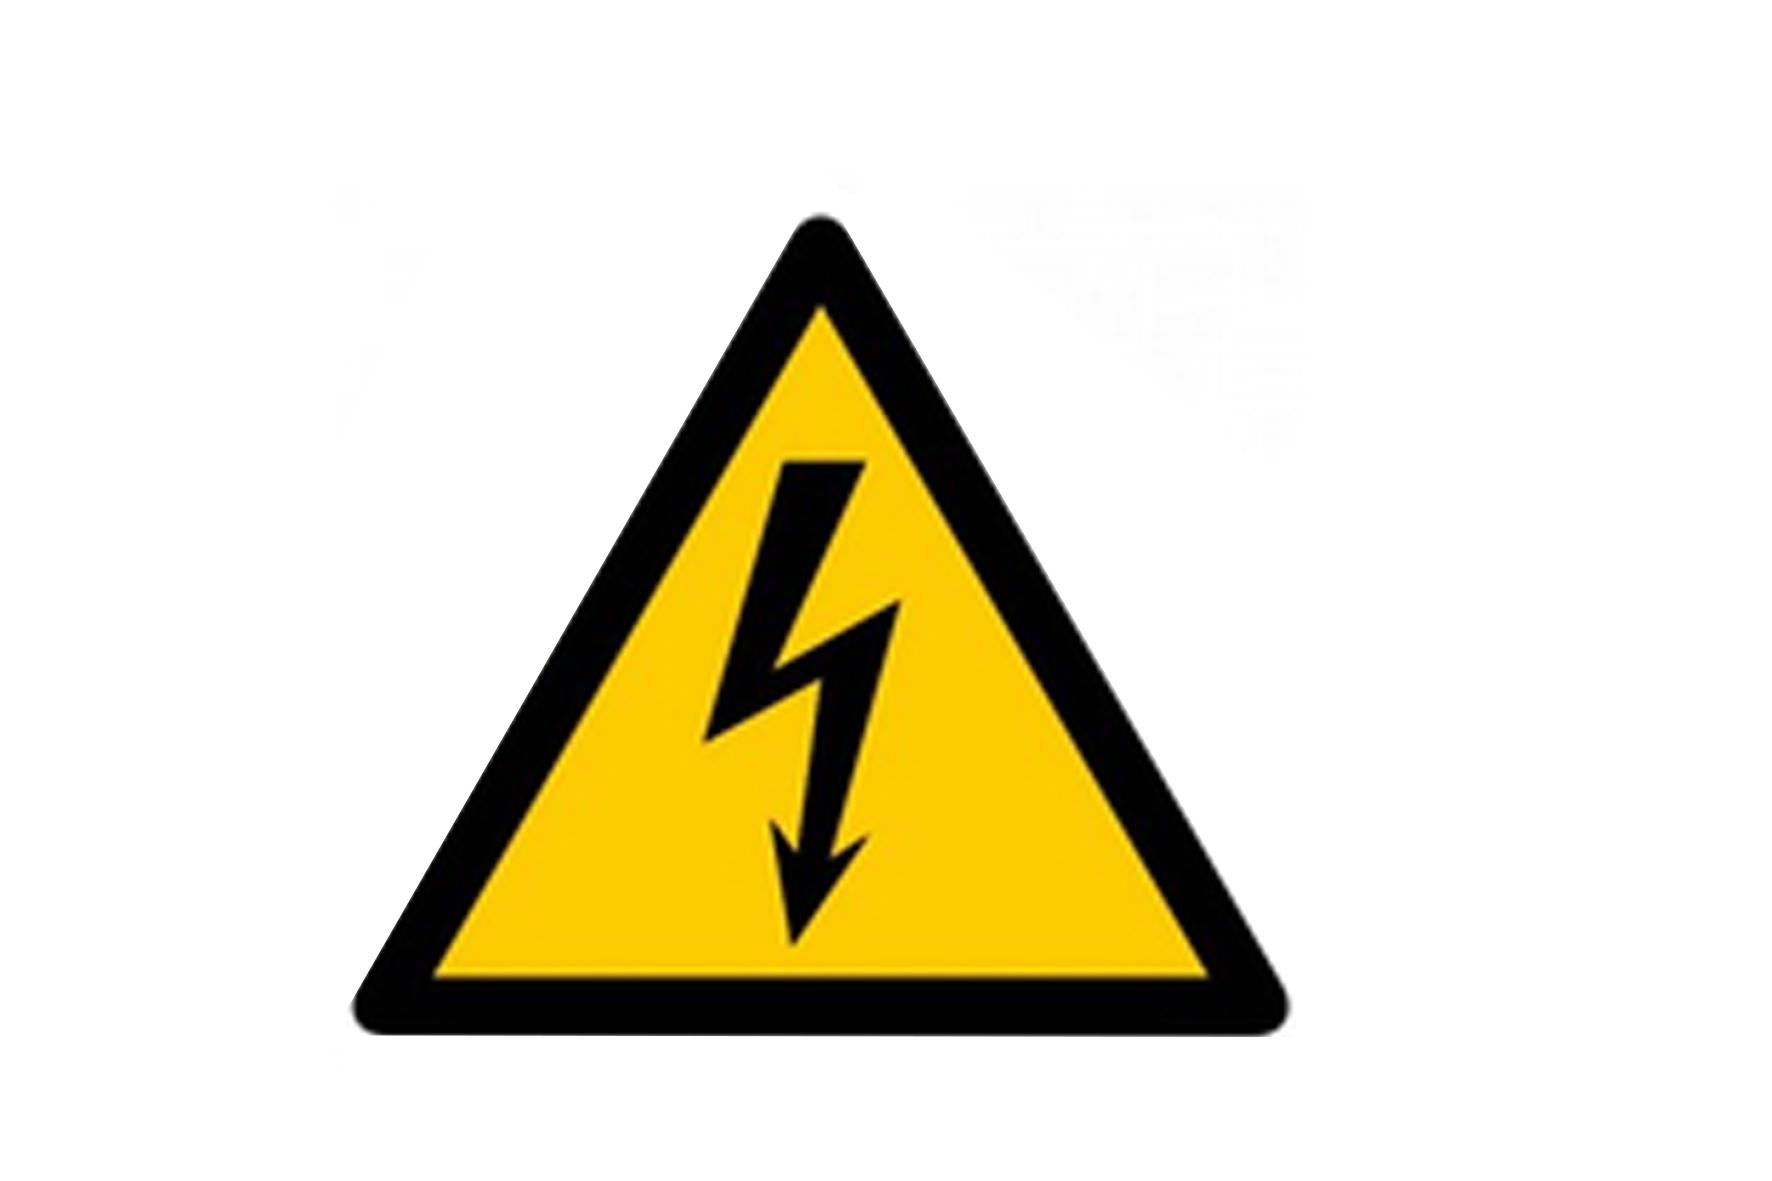 panneau pvc triangle danger electrique achat en ligne ou dans notre magasin. Black Bedroom Furniture Sets. Home Design Ideas